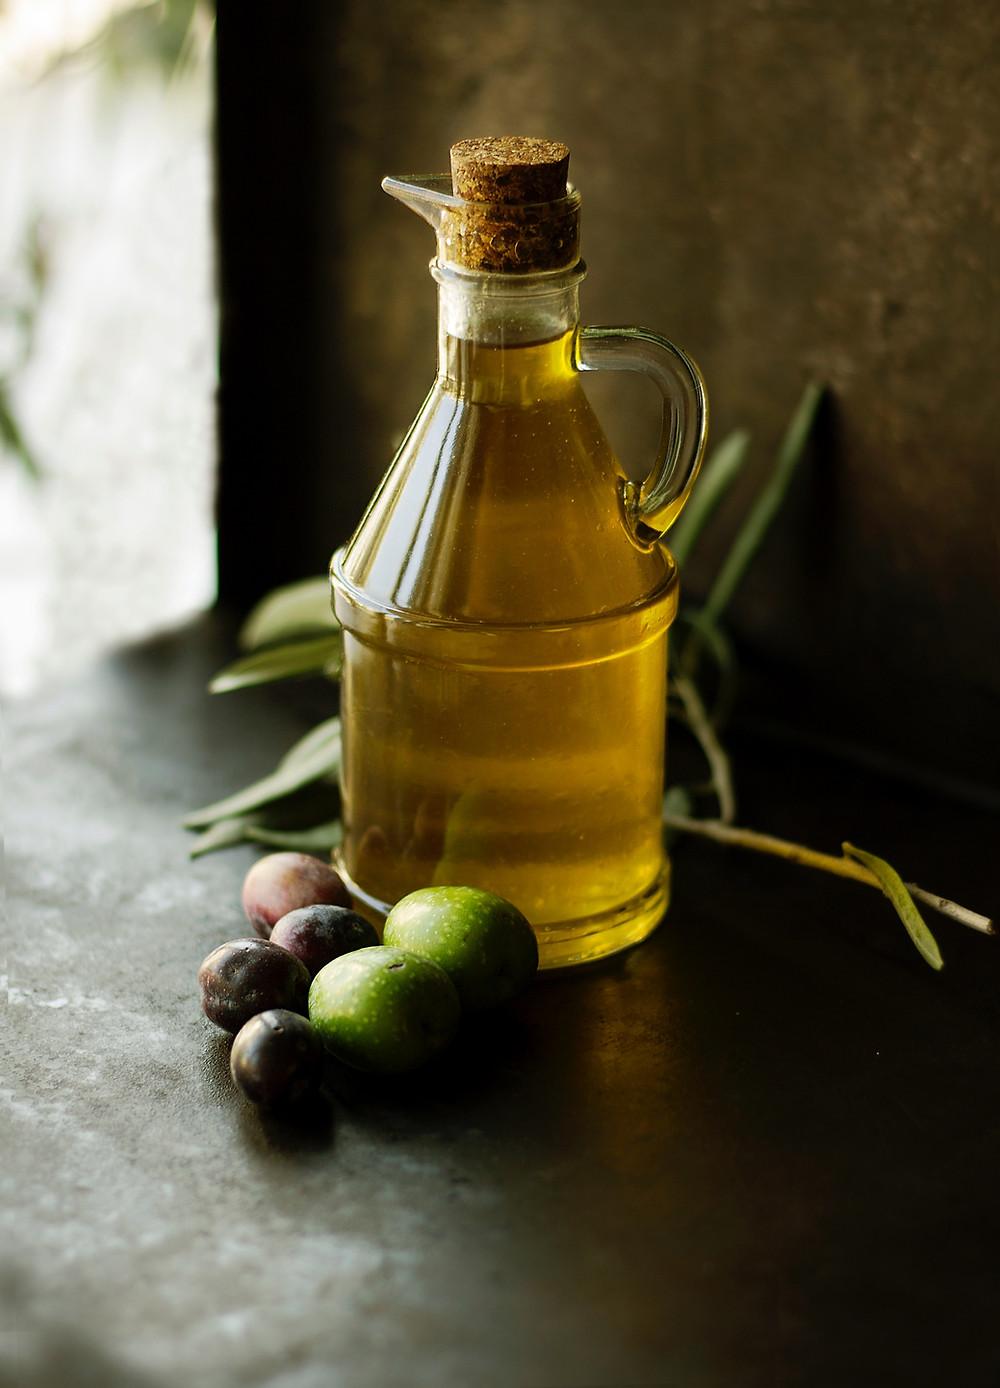 L'olio evo è ricco di acidi grassi omega-3-6-9